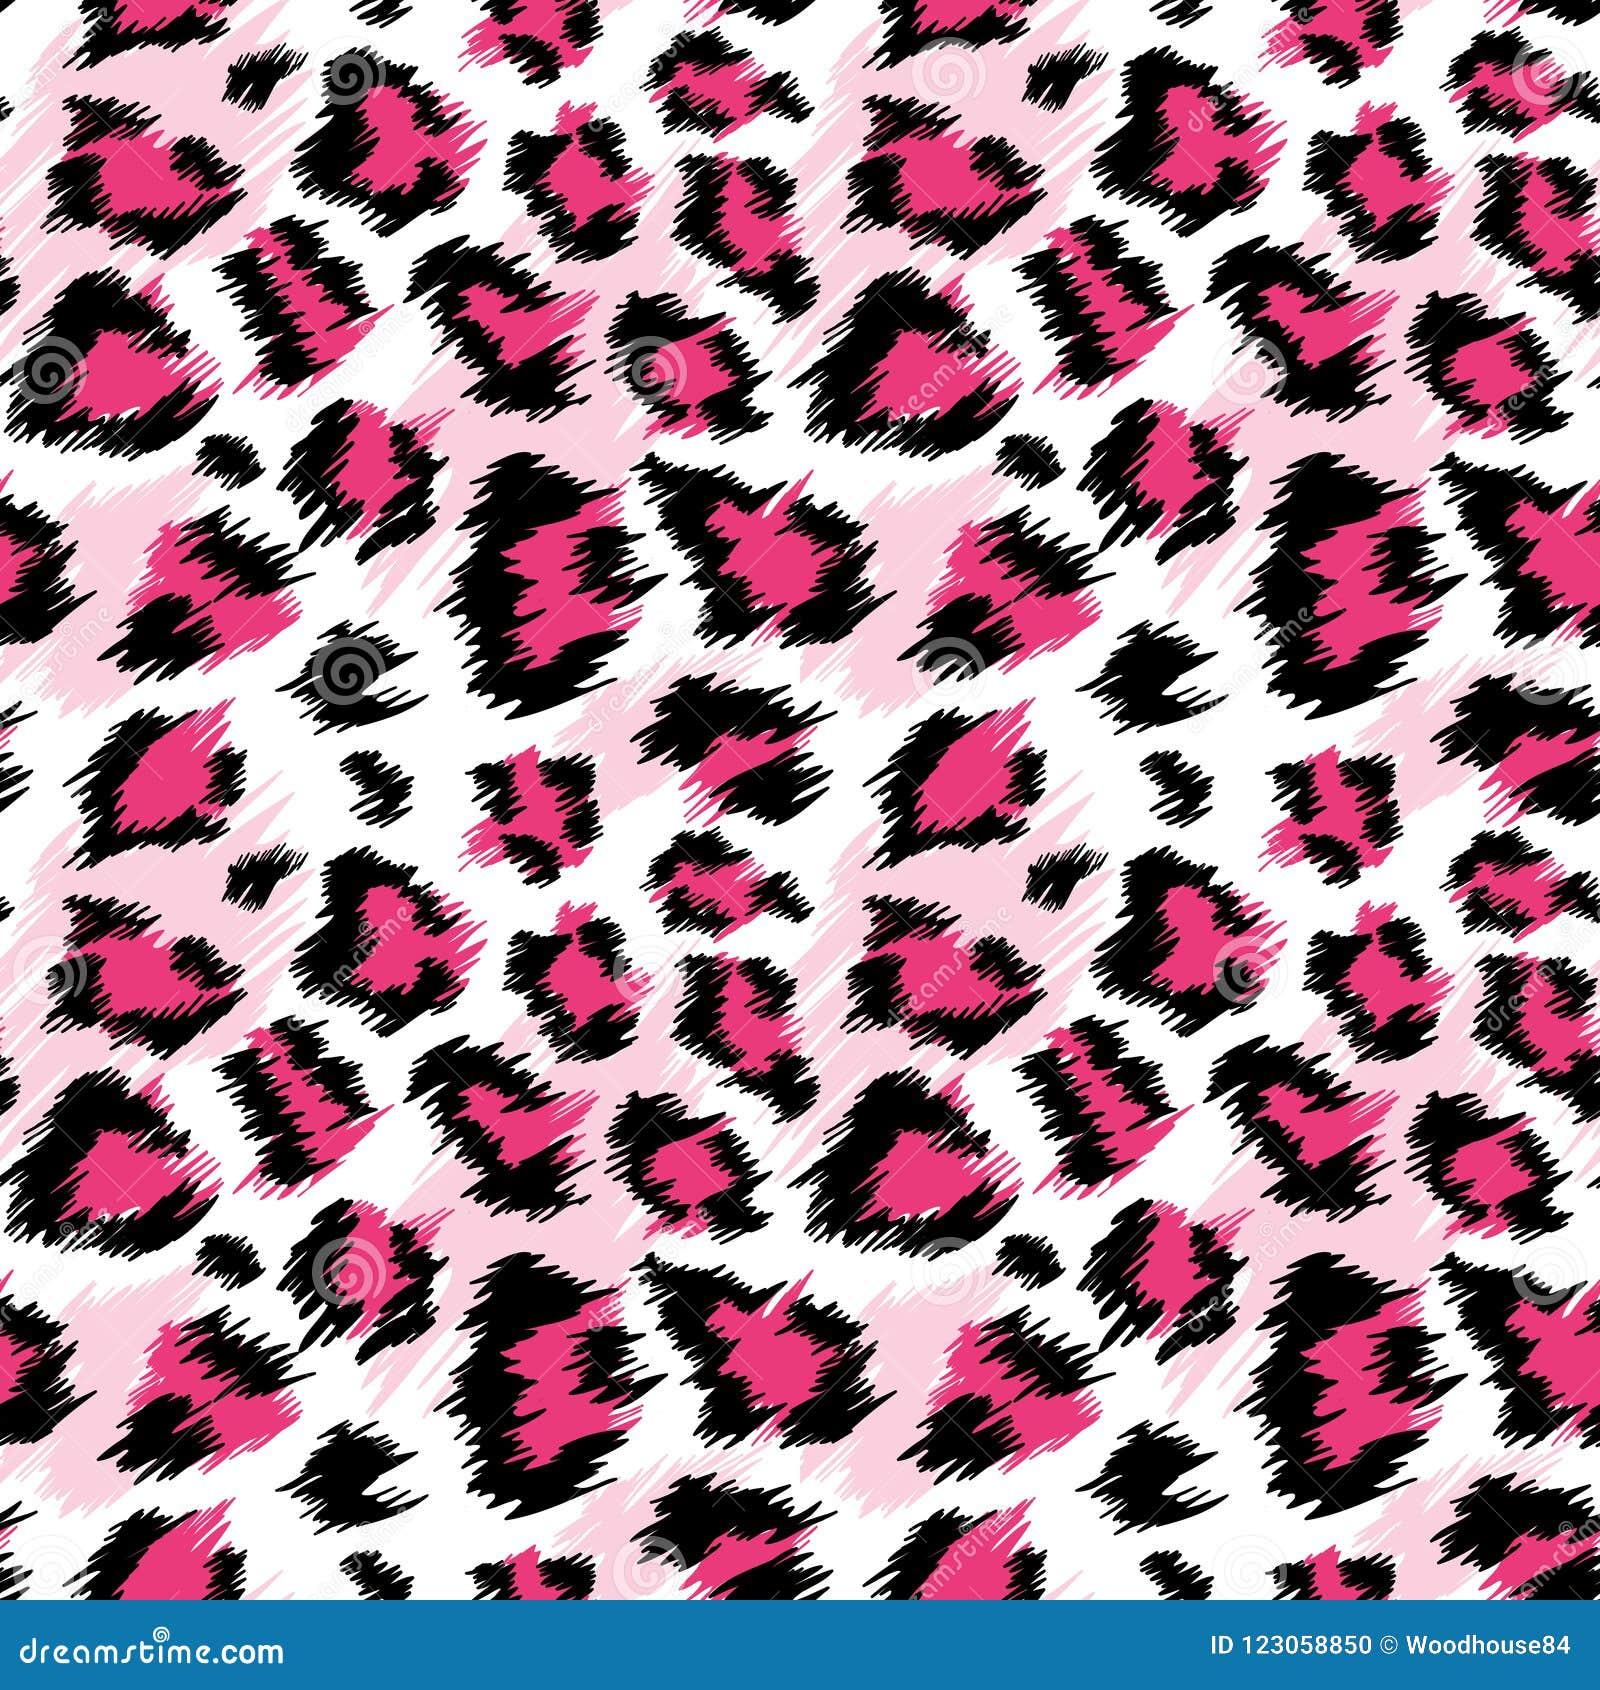 Modèle sans couture de léopard rose à la mode Fond repéré stylisé de peau de léopard pour la mode, copie, tissu de papier peint